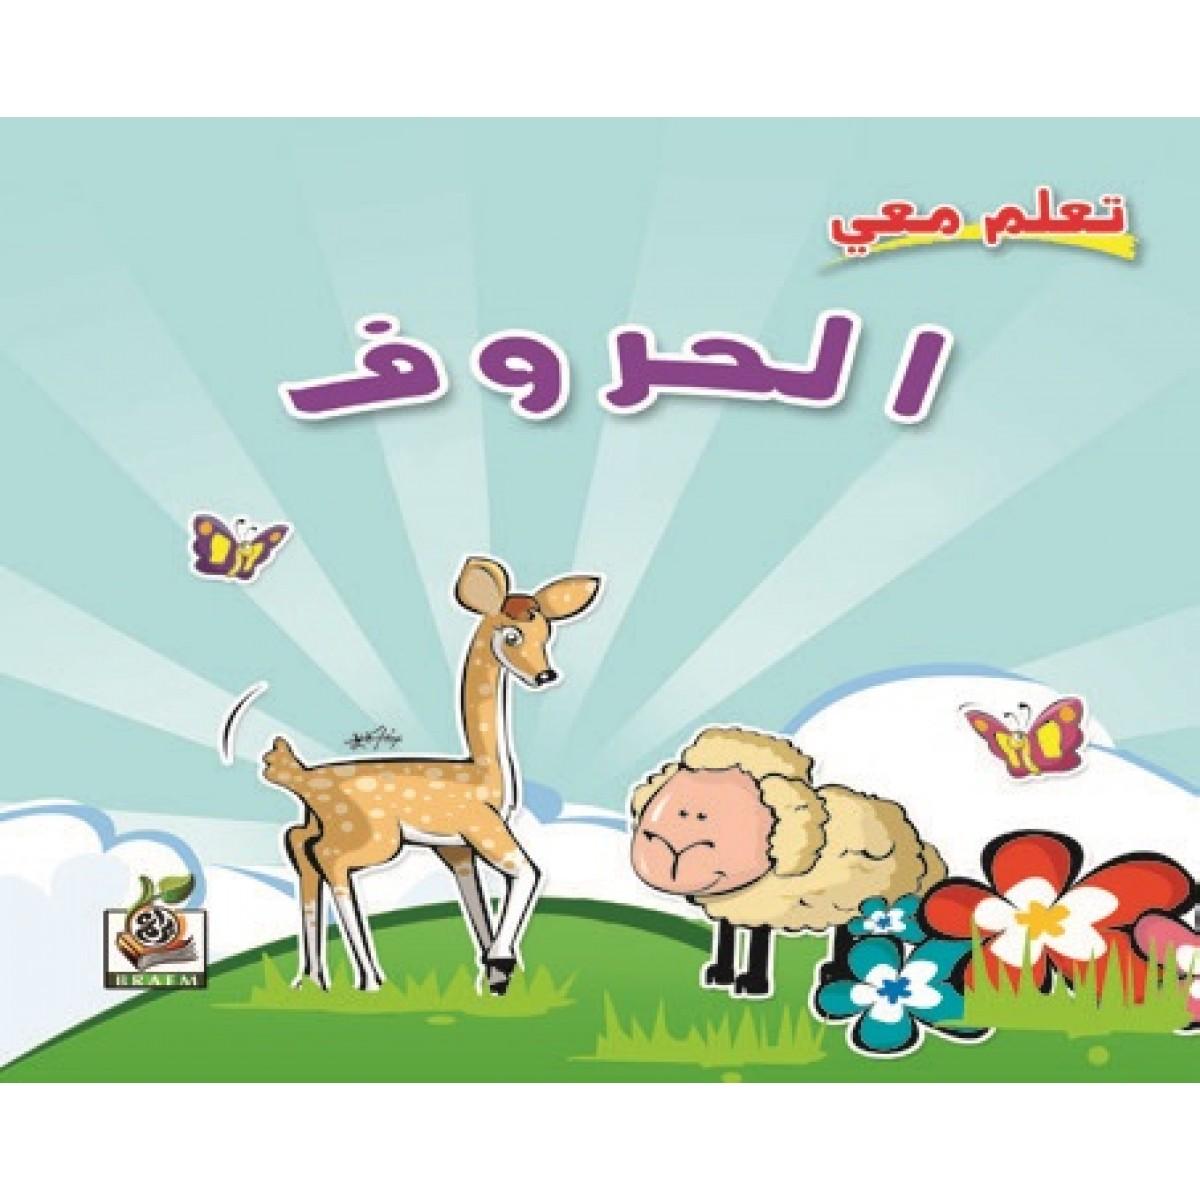 تعلم معي الحروف العربية ، مقاس الكتاب 23*23 سم